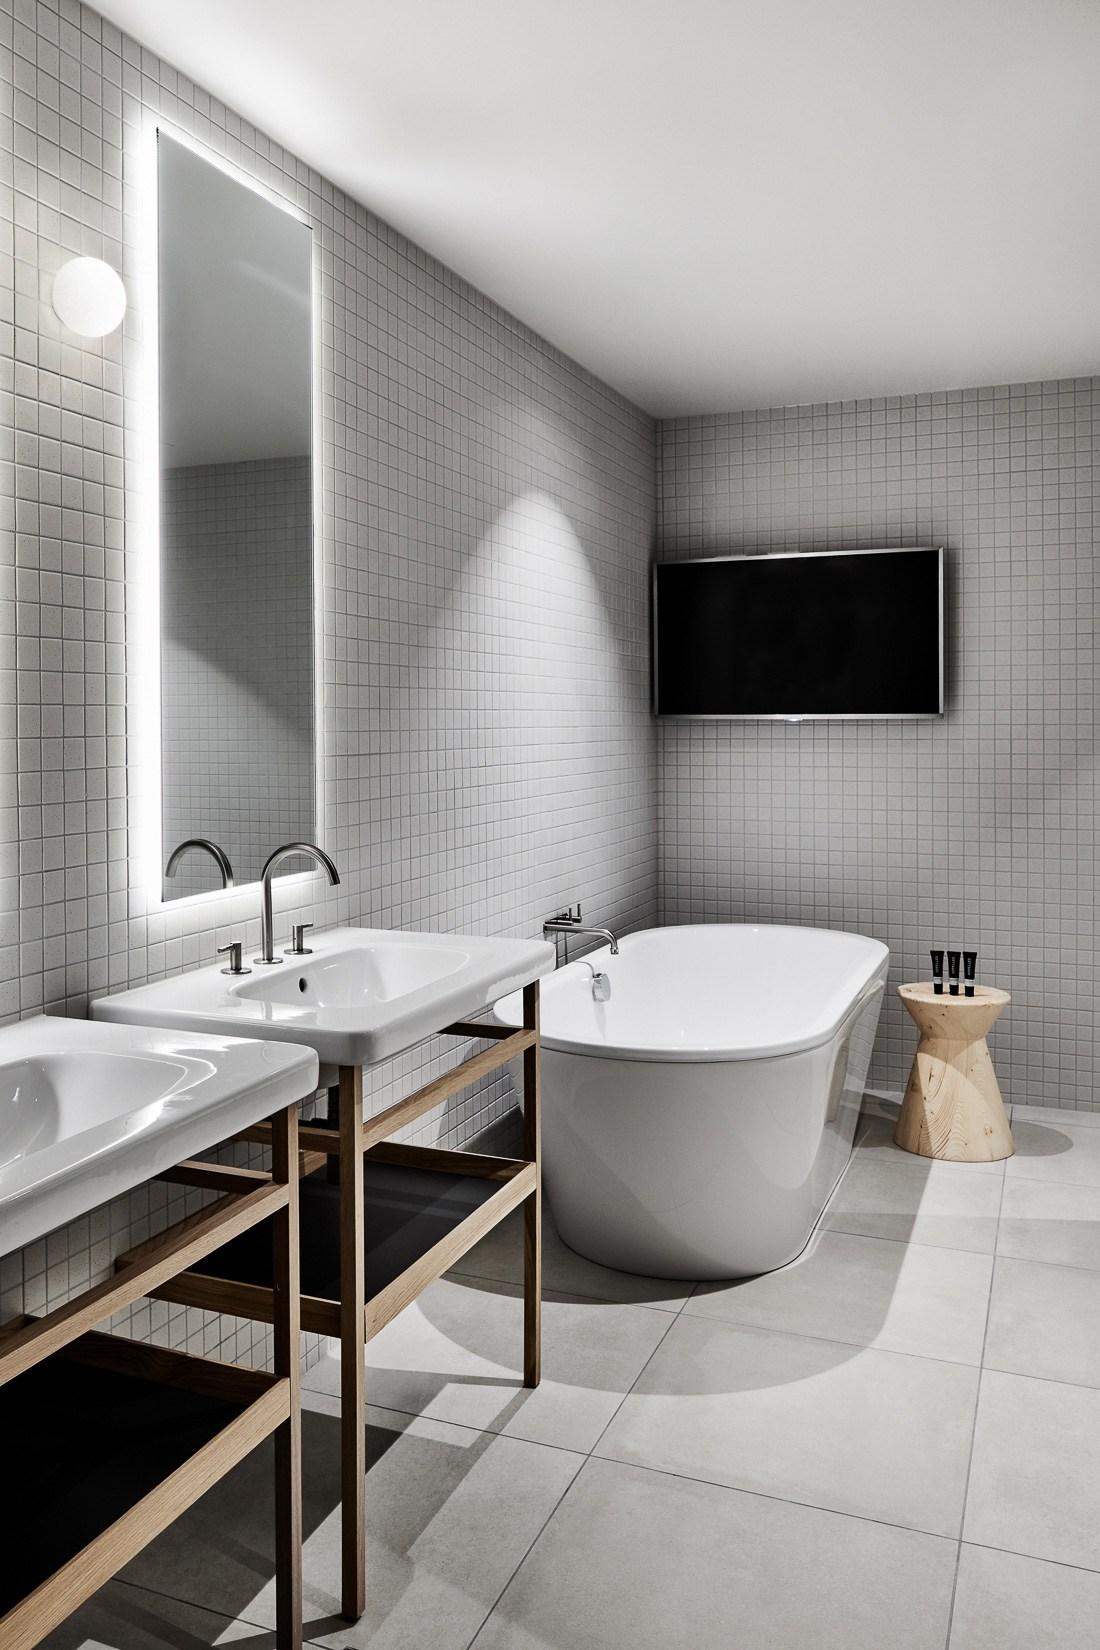 Mitchelton-Winery-Hotel-in-Nagambie-Hecker-Guthrie-Tom-Blachford-17.jpg